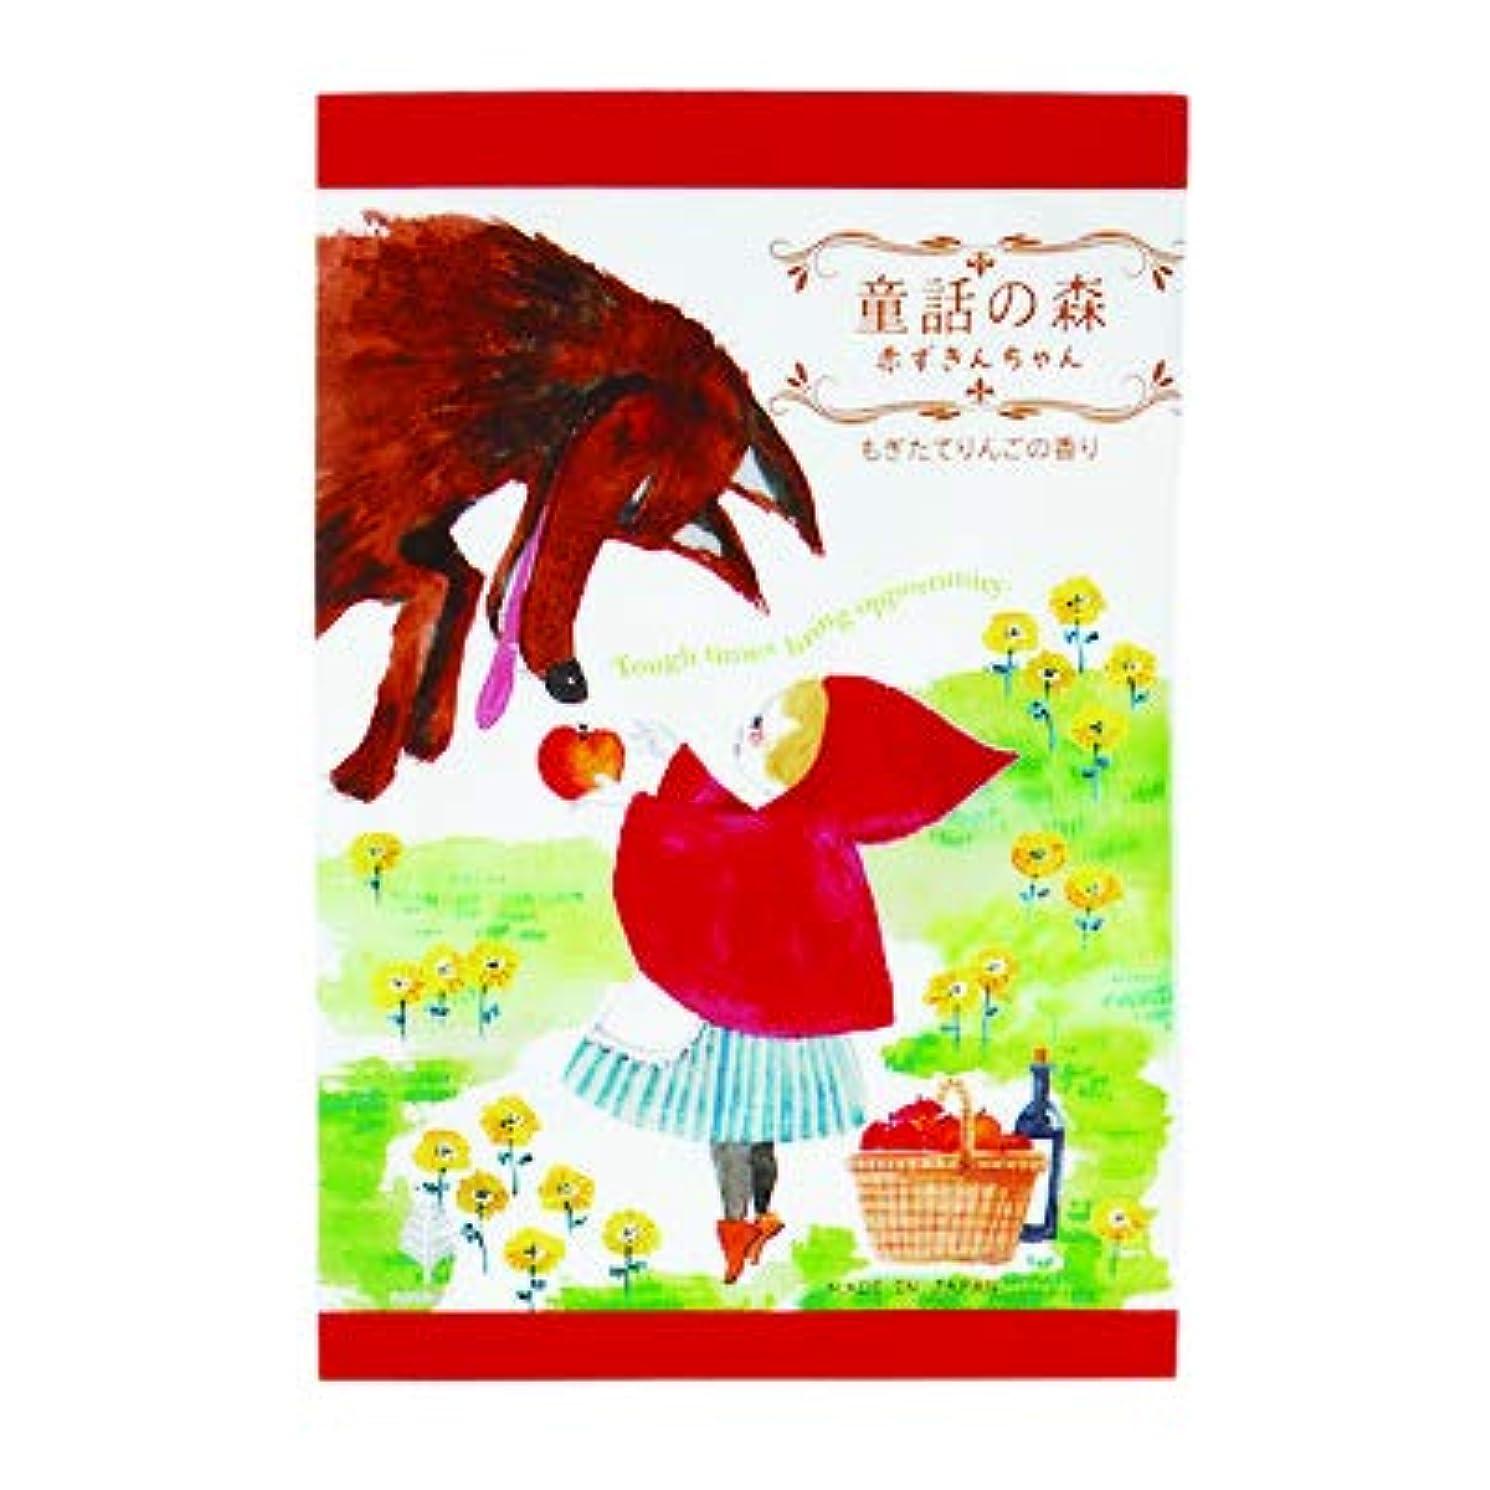 必要九豊かな【まとめ買い3個セット】 童話の森 赤ずきんちゃん